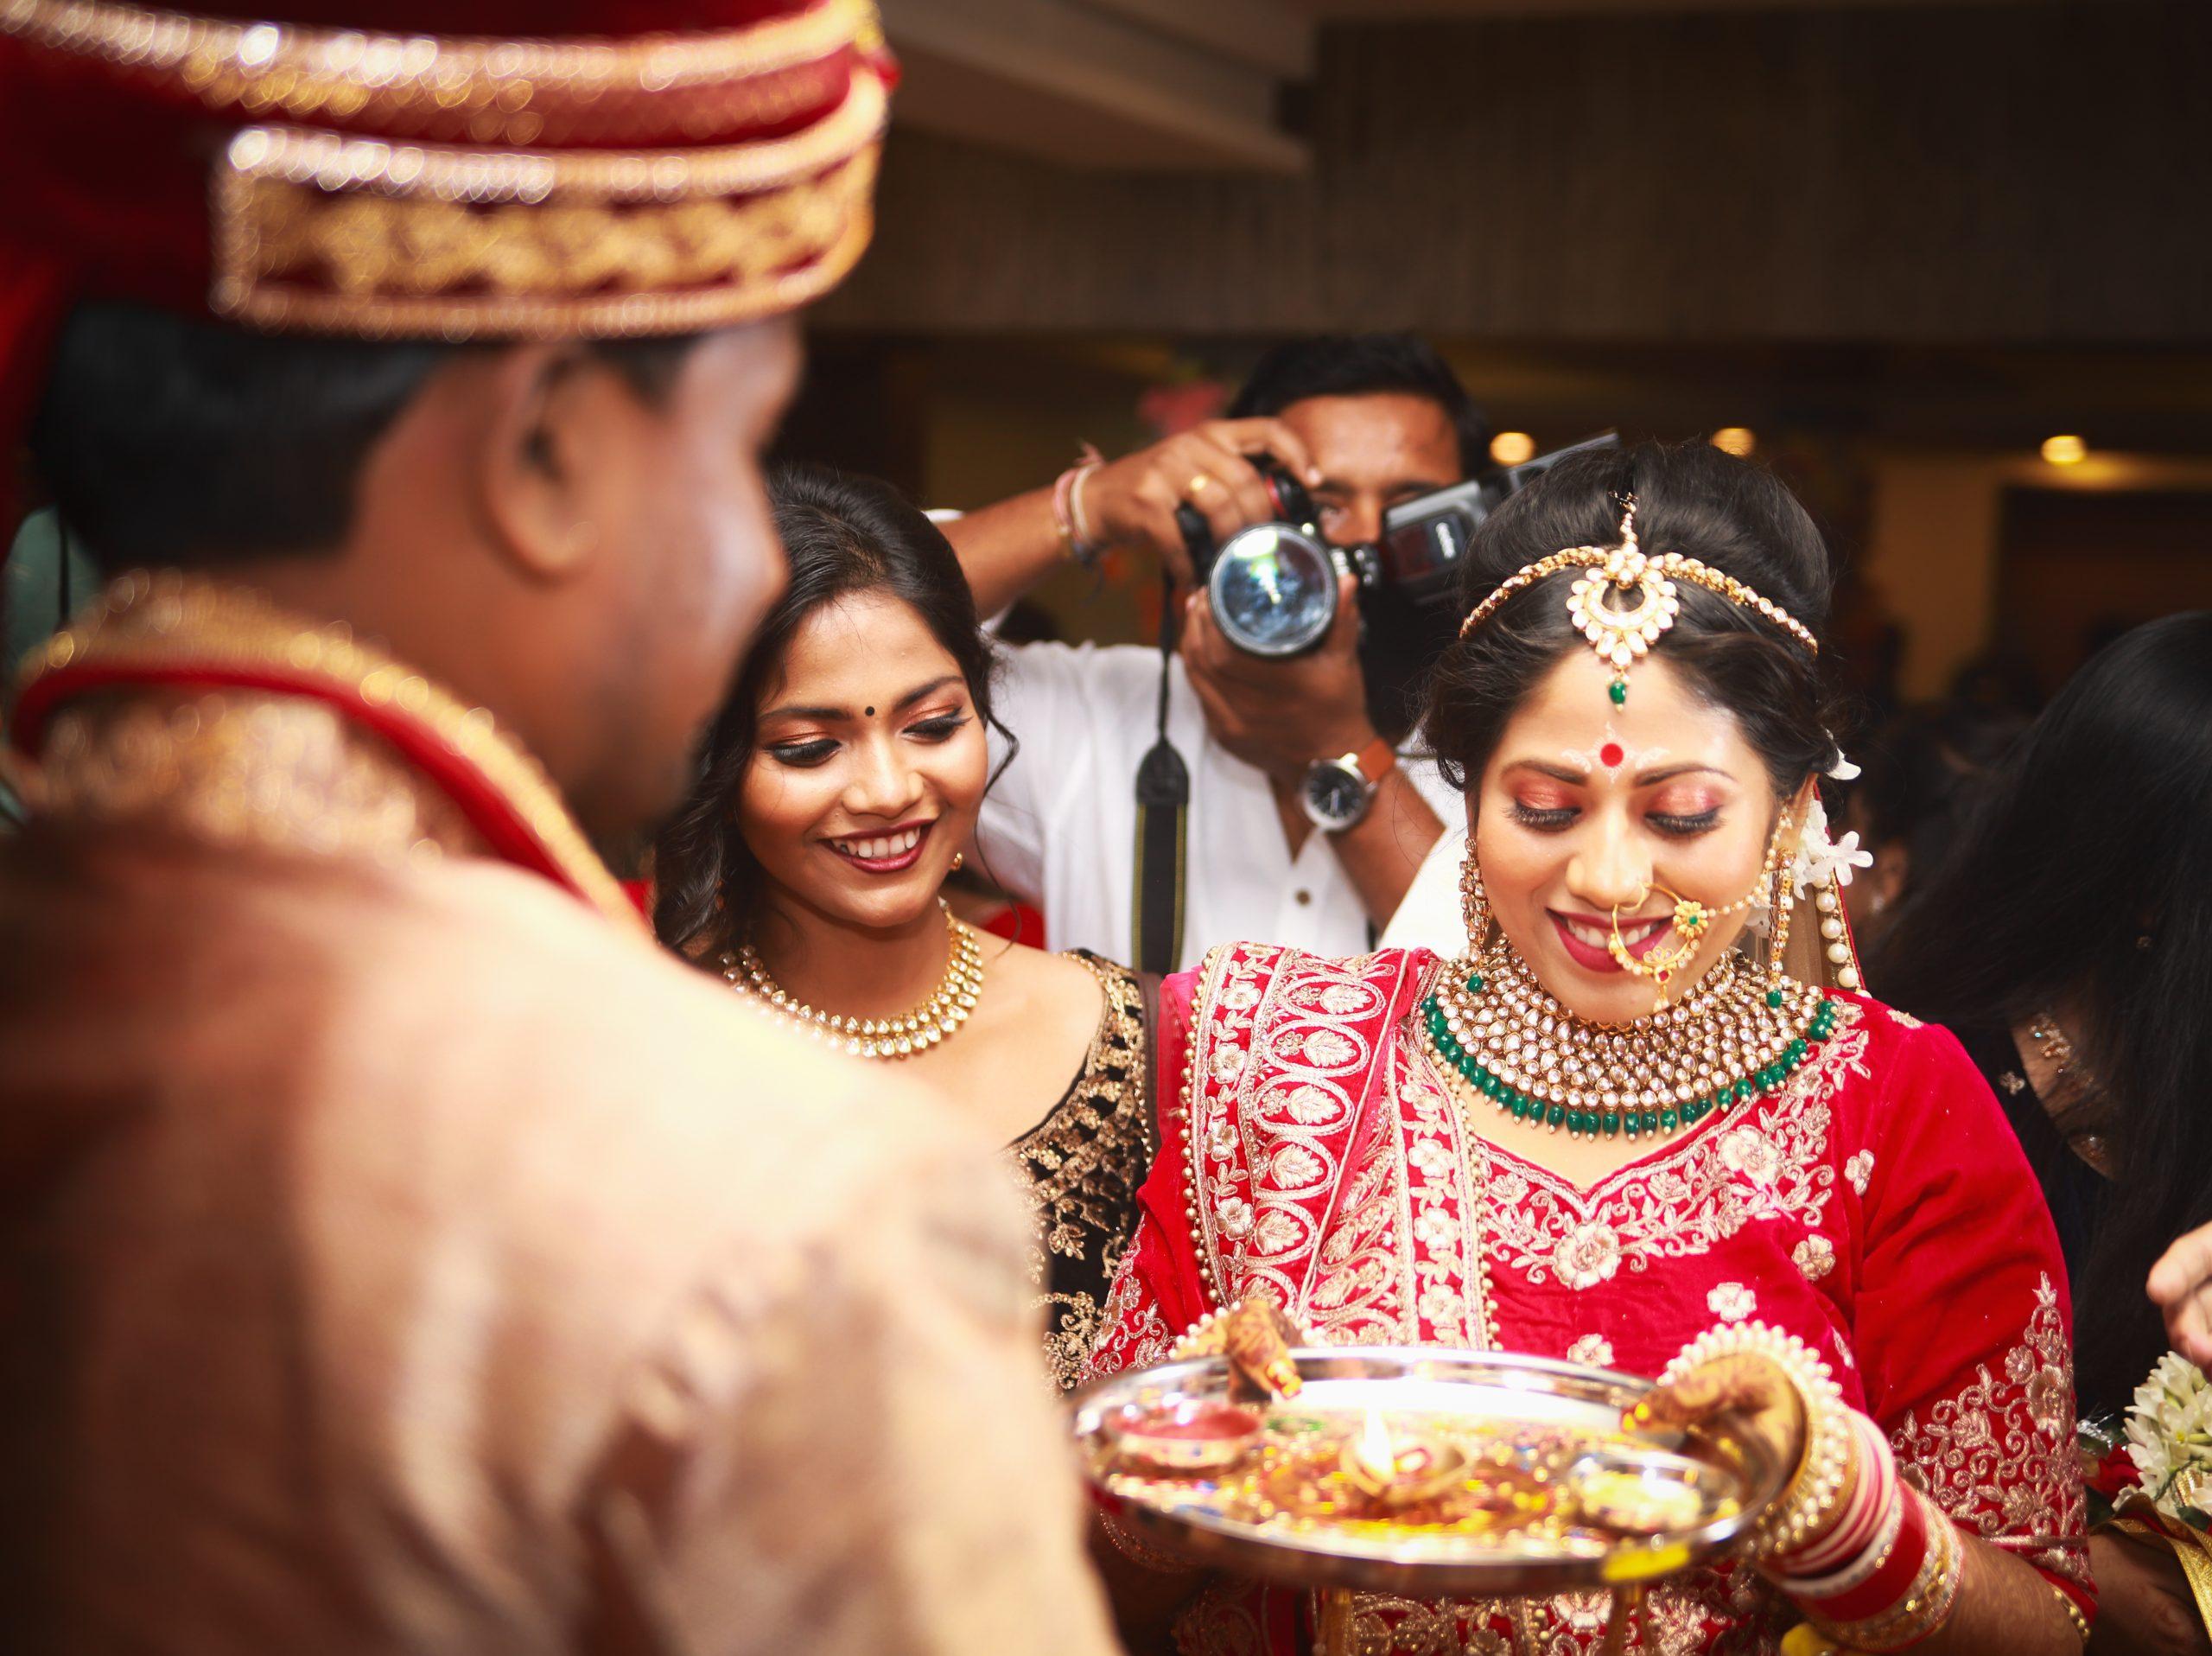 A ritual in Hindu marriage